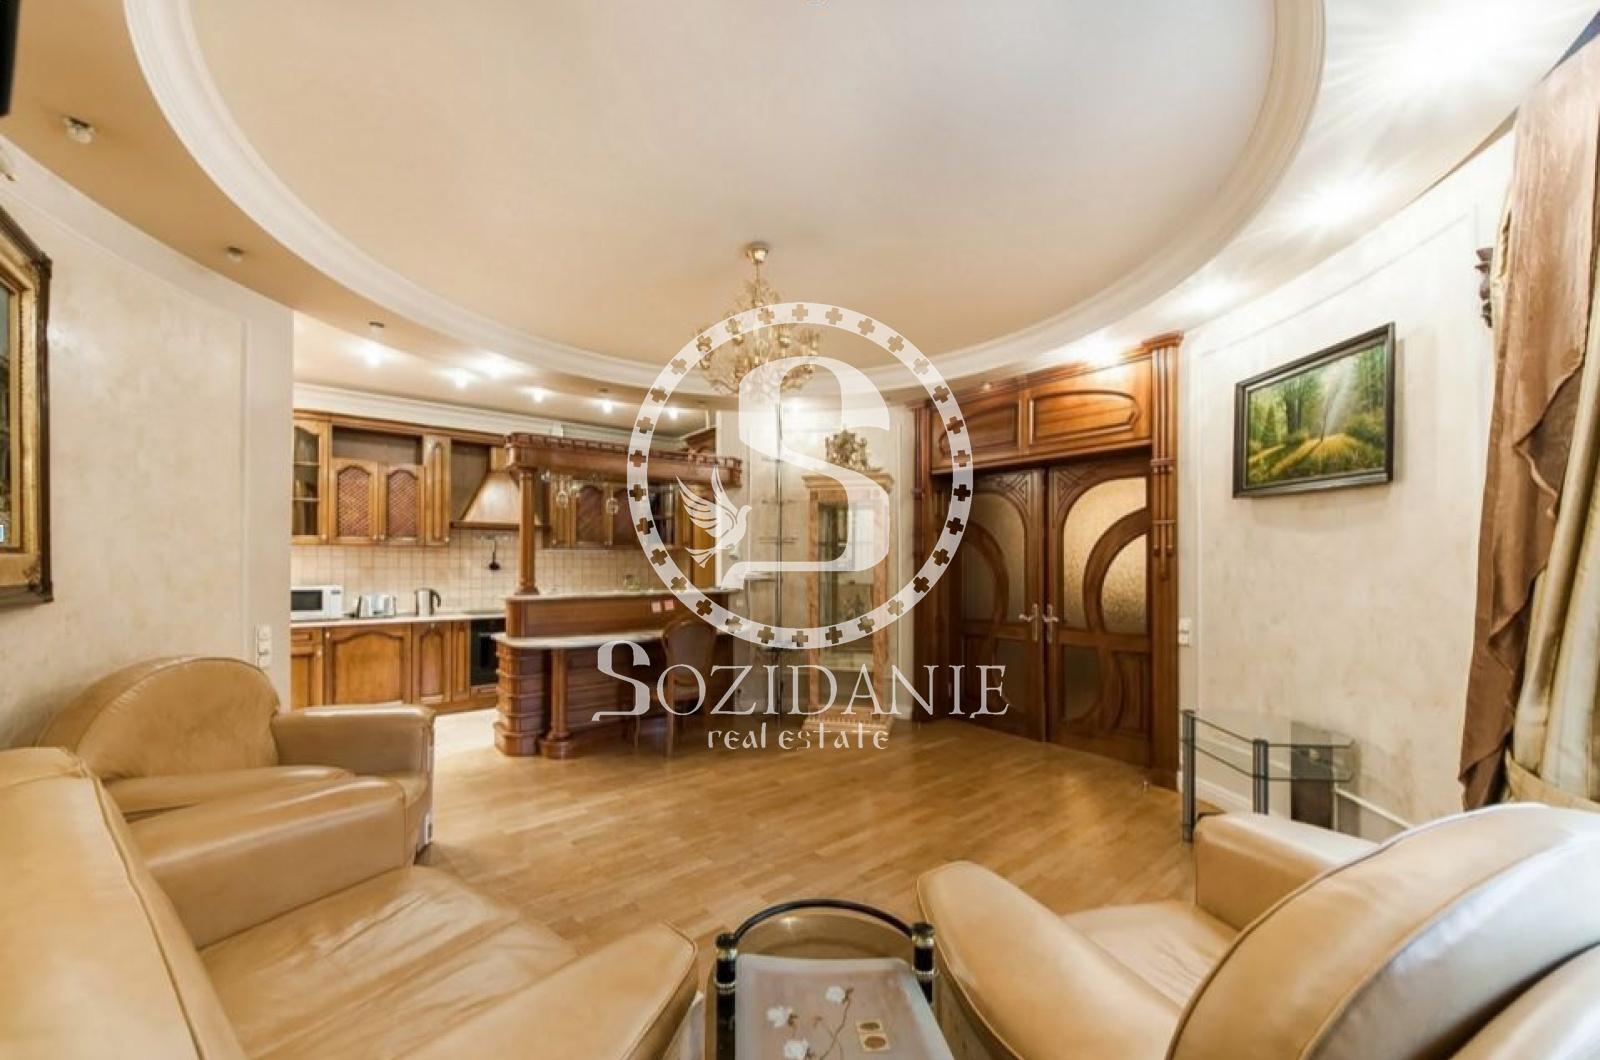 3 Комнаты, Городская, Аренда, Улица Большая Серпуховская, Listing ID 1222, Москва, Россия,